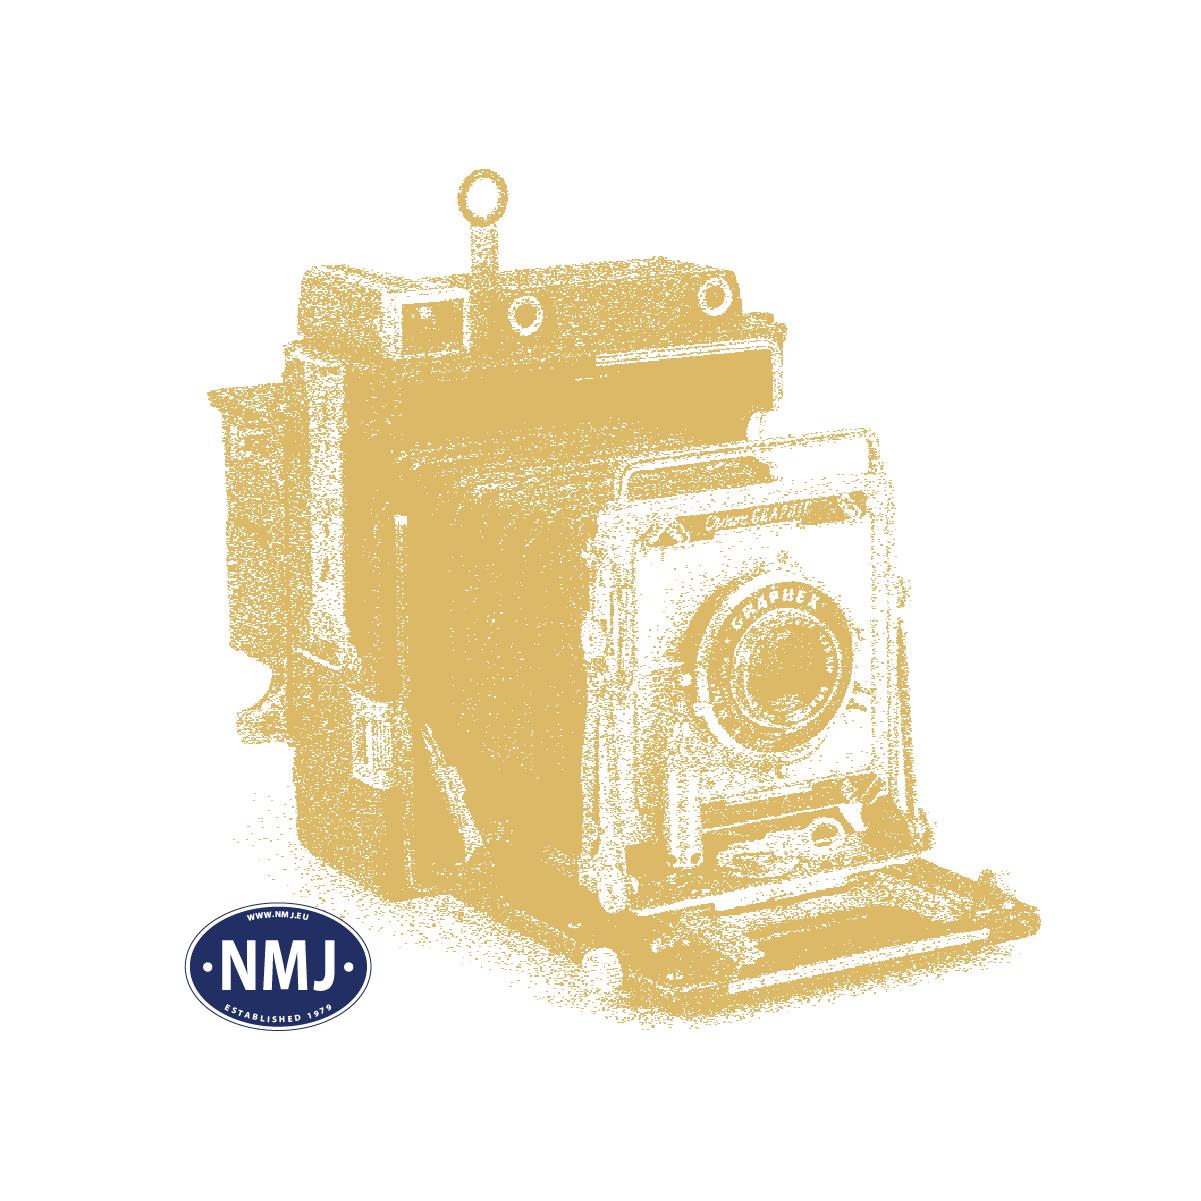 NMJT90020 - NMJ Topline NSB Di3a 626 Rot/Schwarz, DC